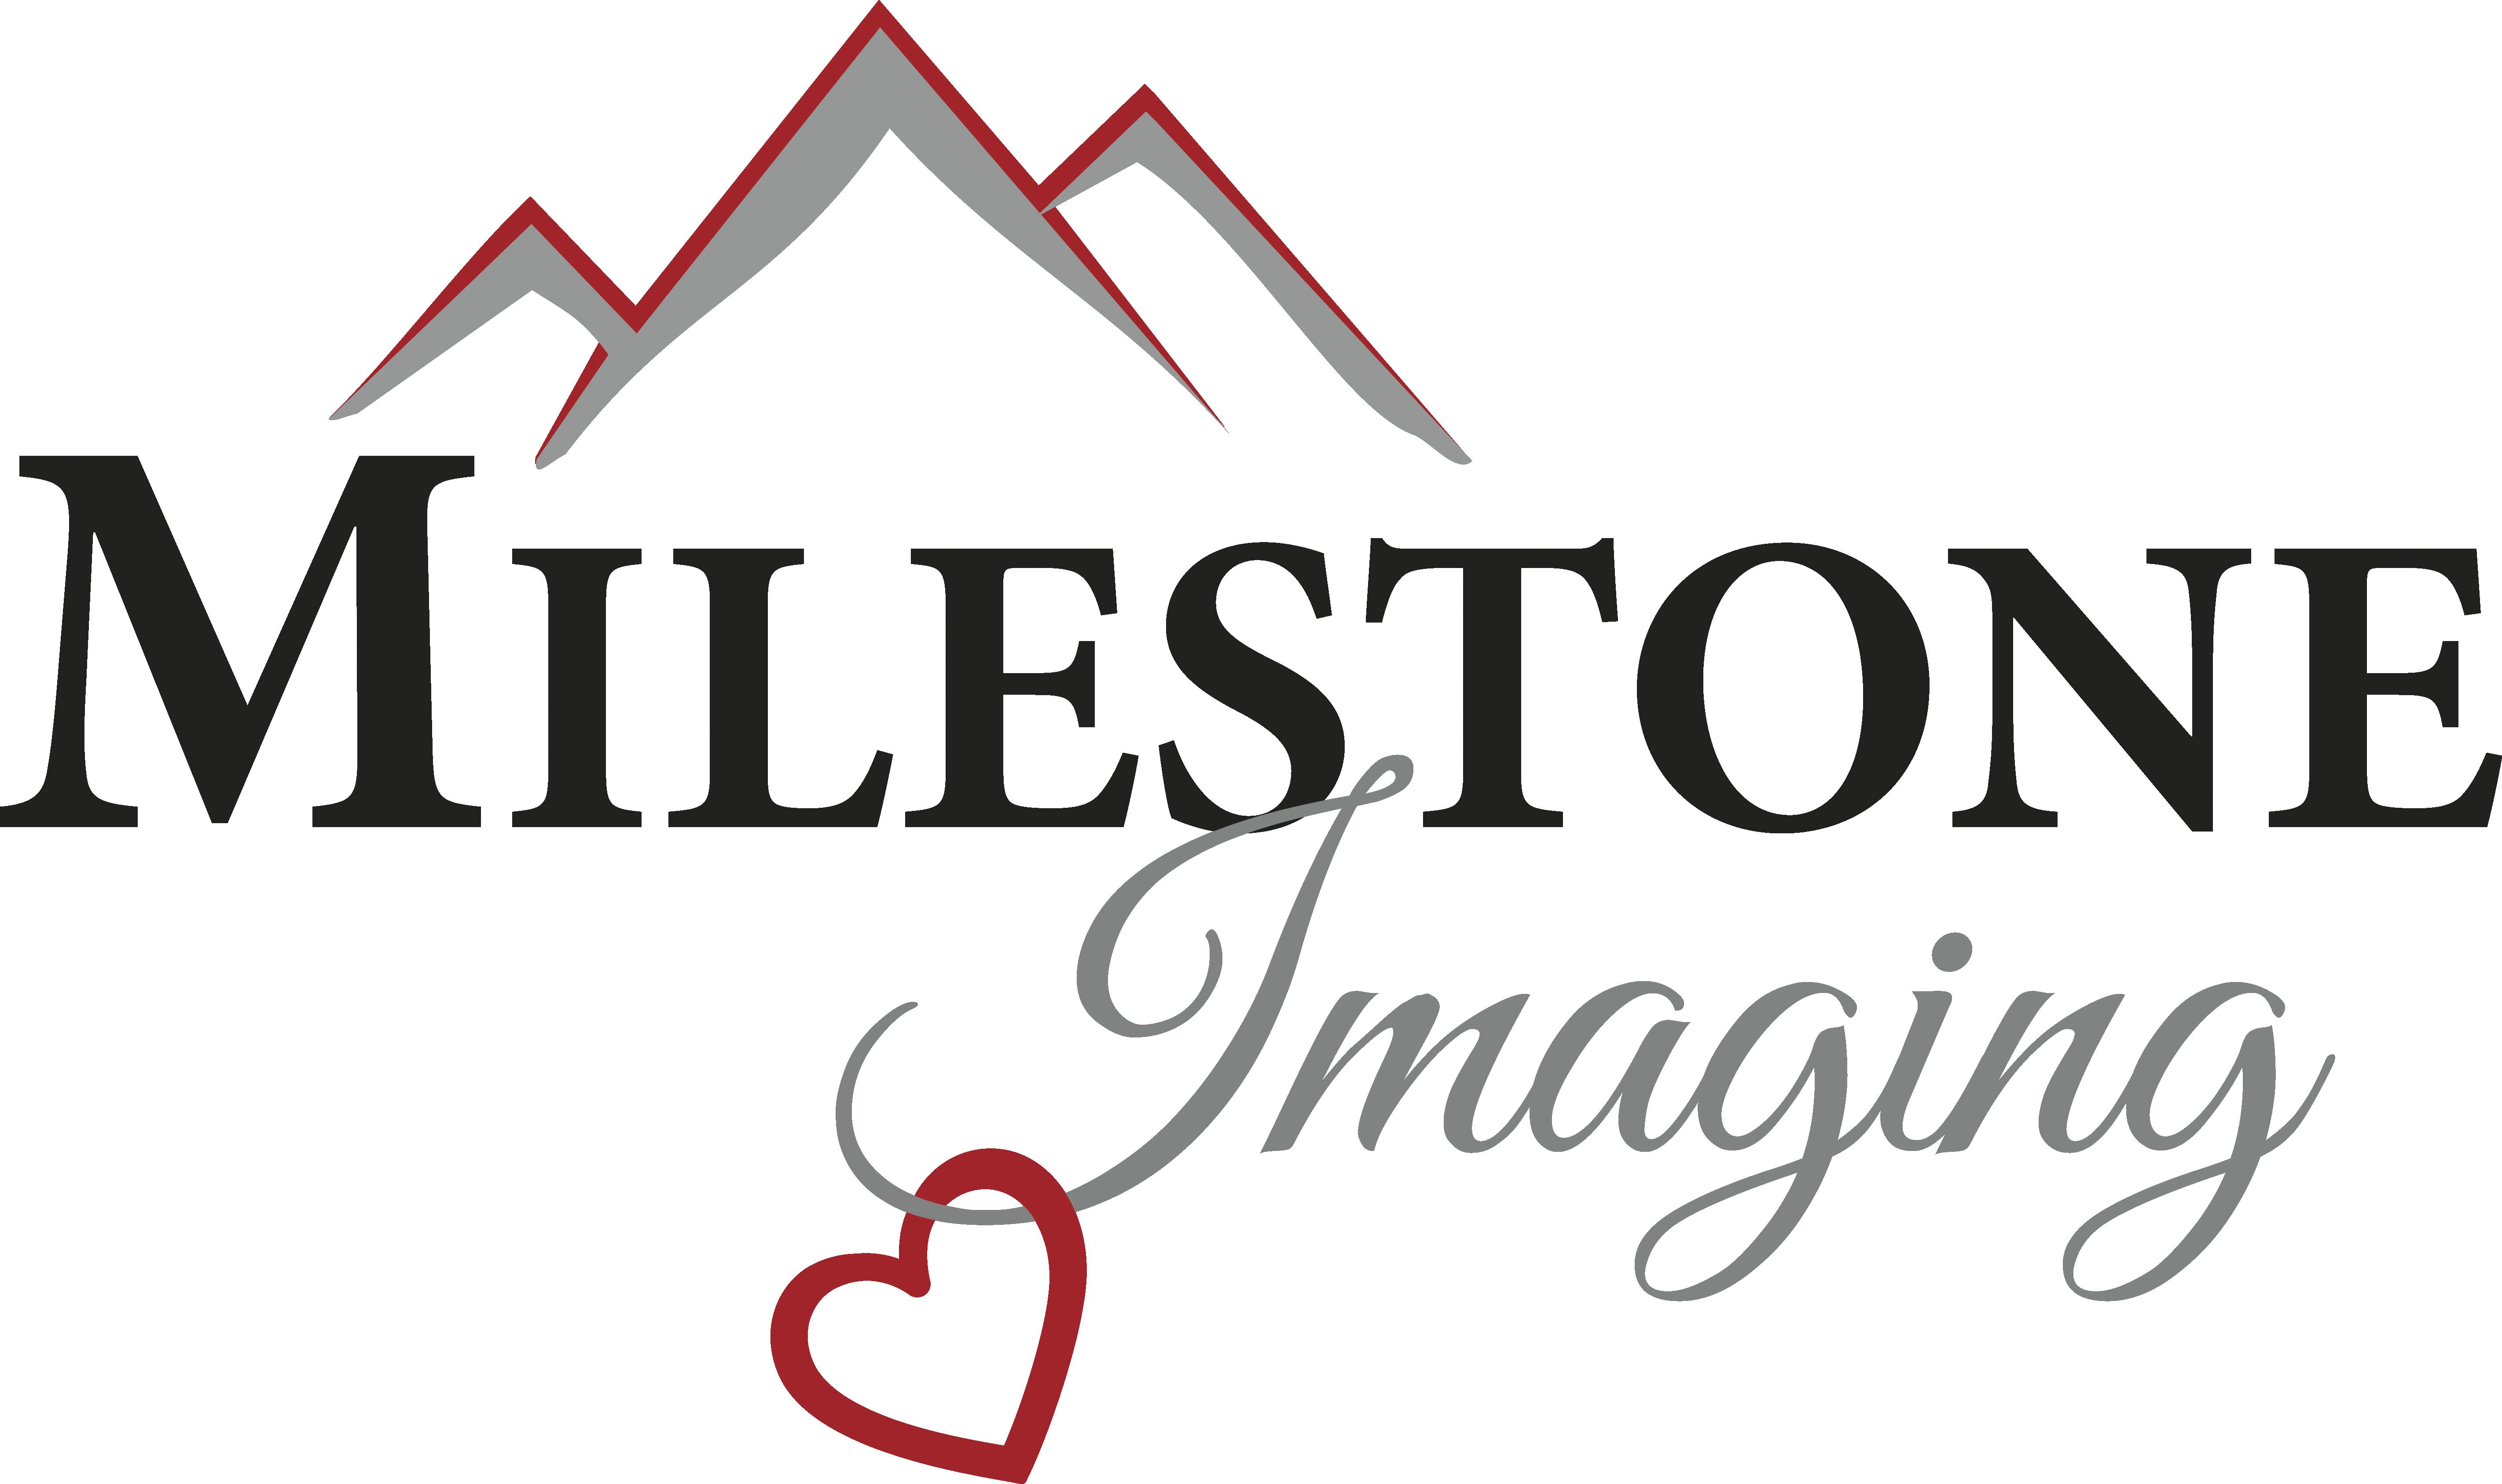 Milestone Imaging